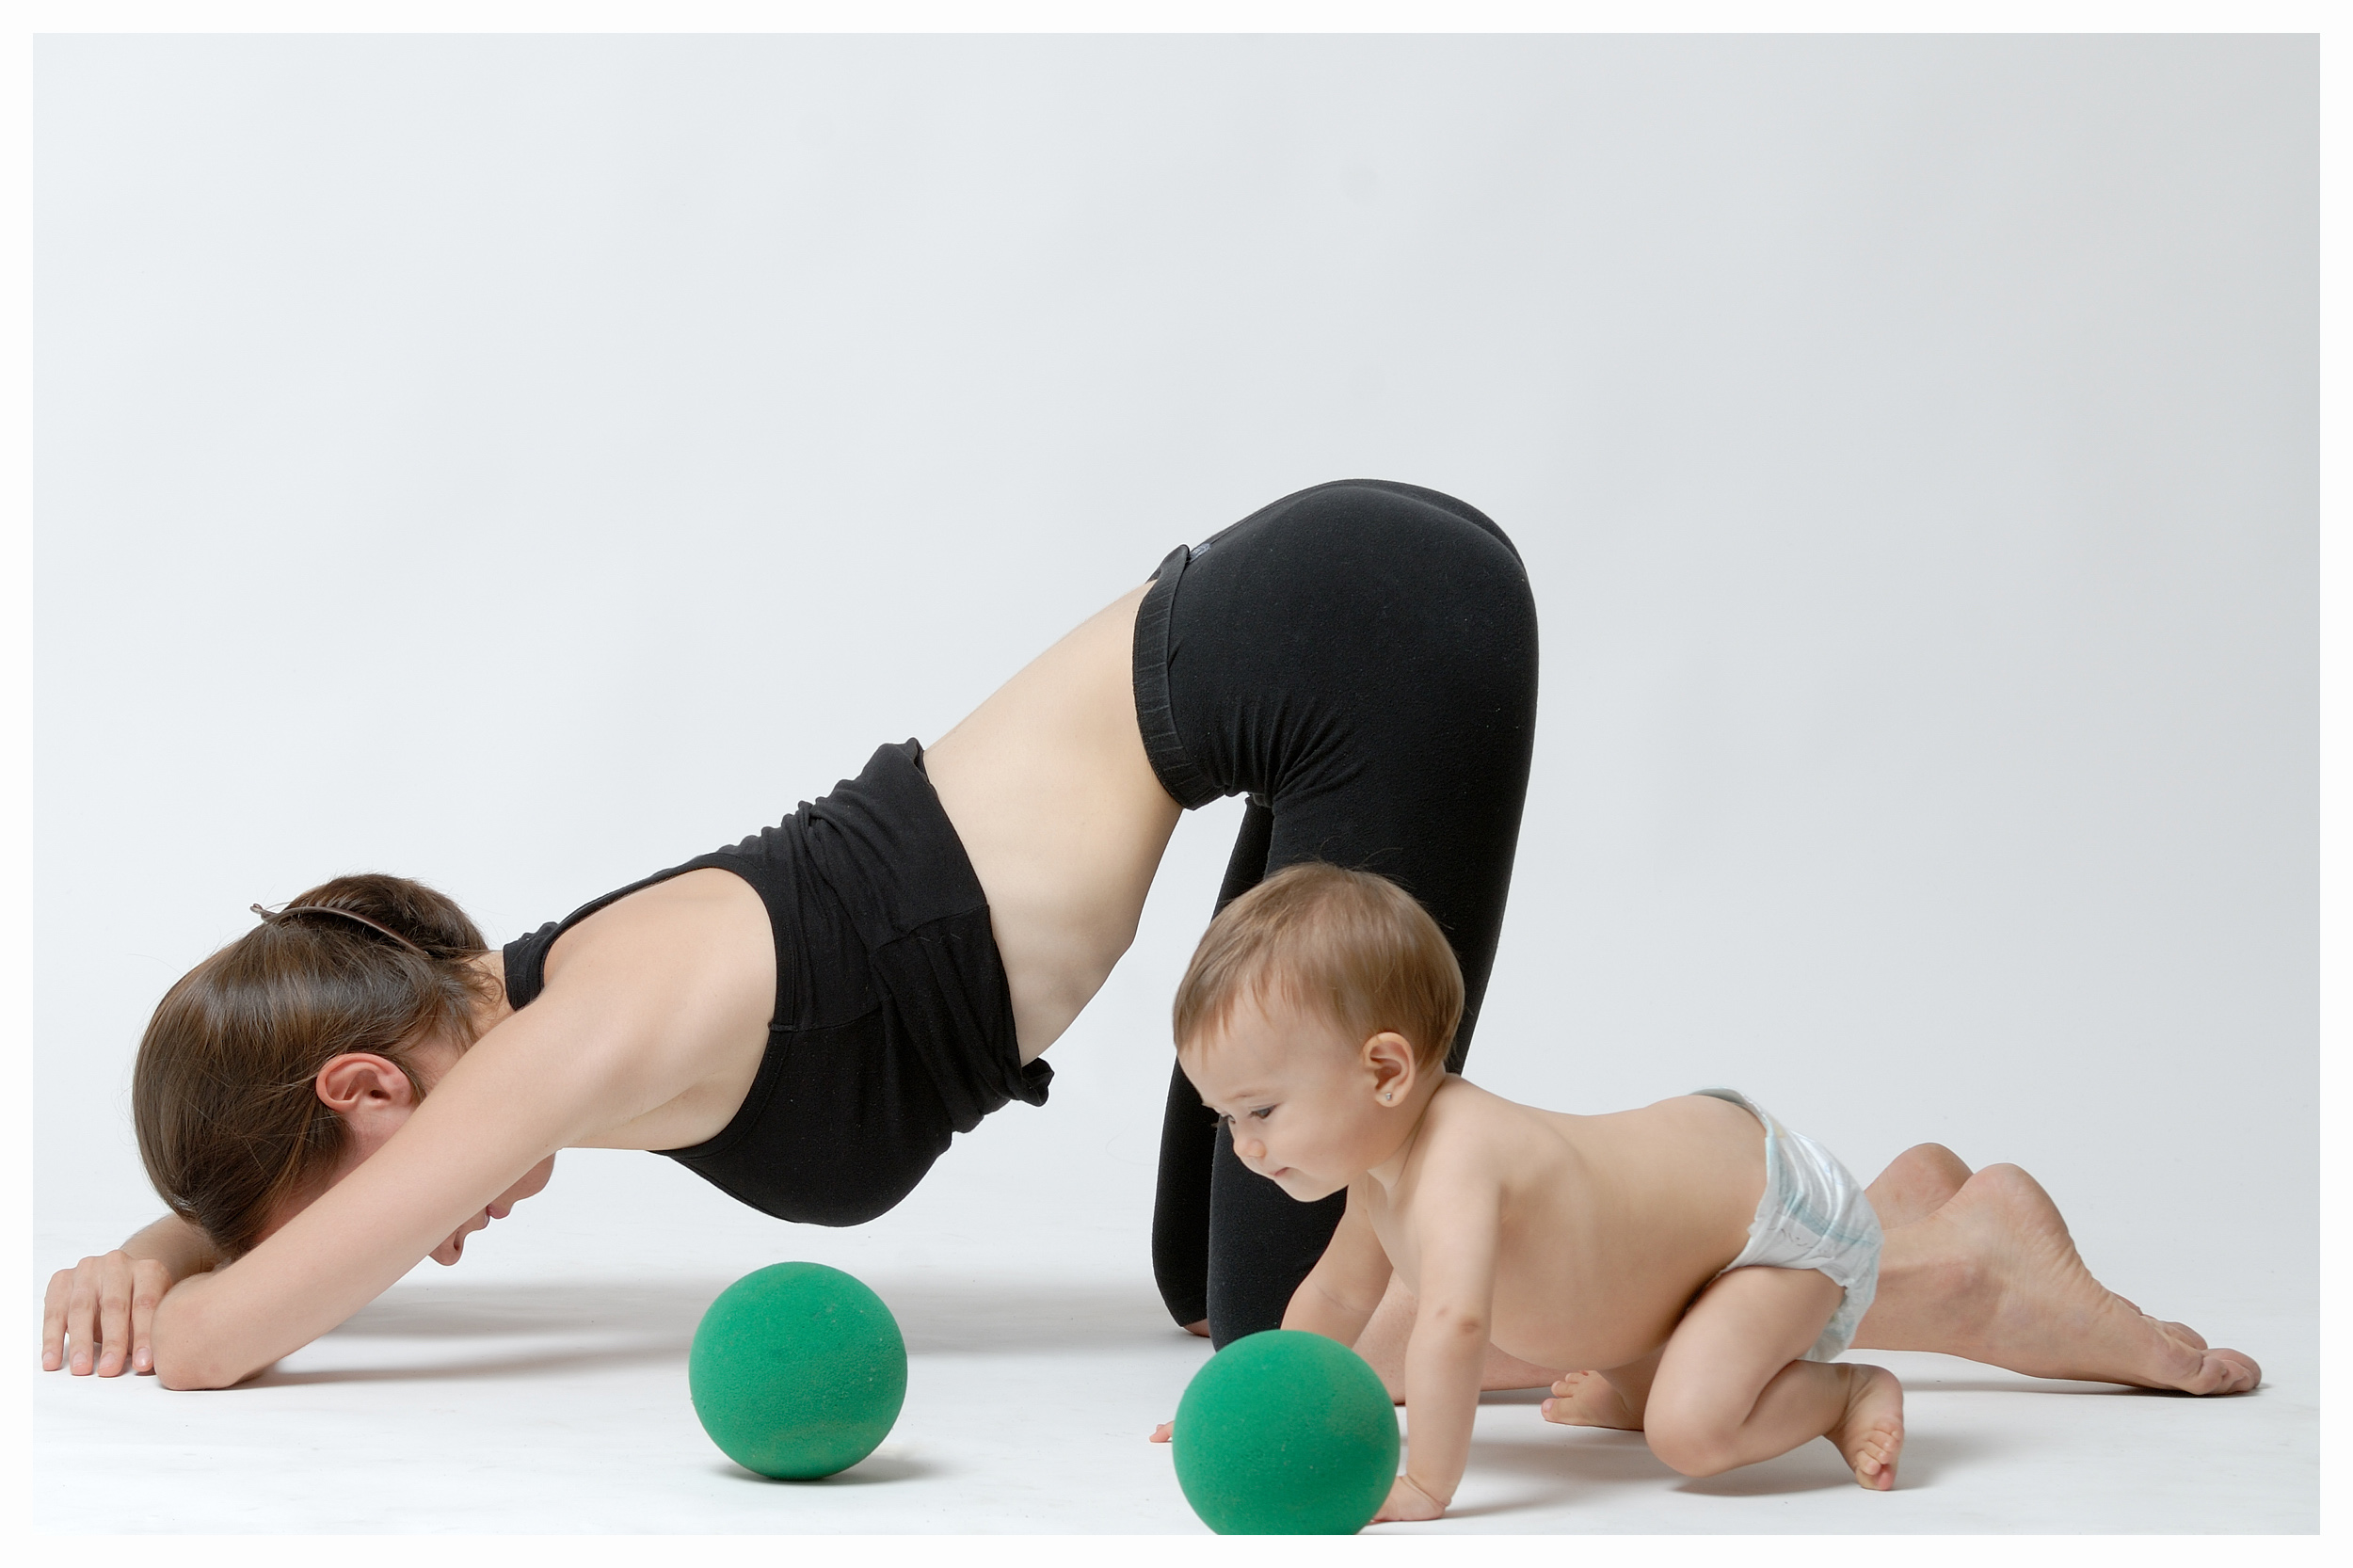 Гимнастические упражнения для повышения потенции